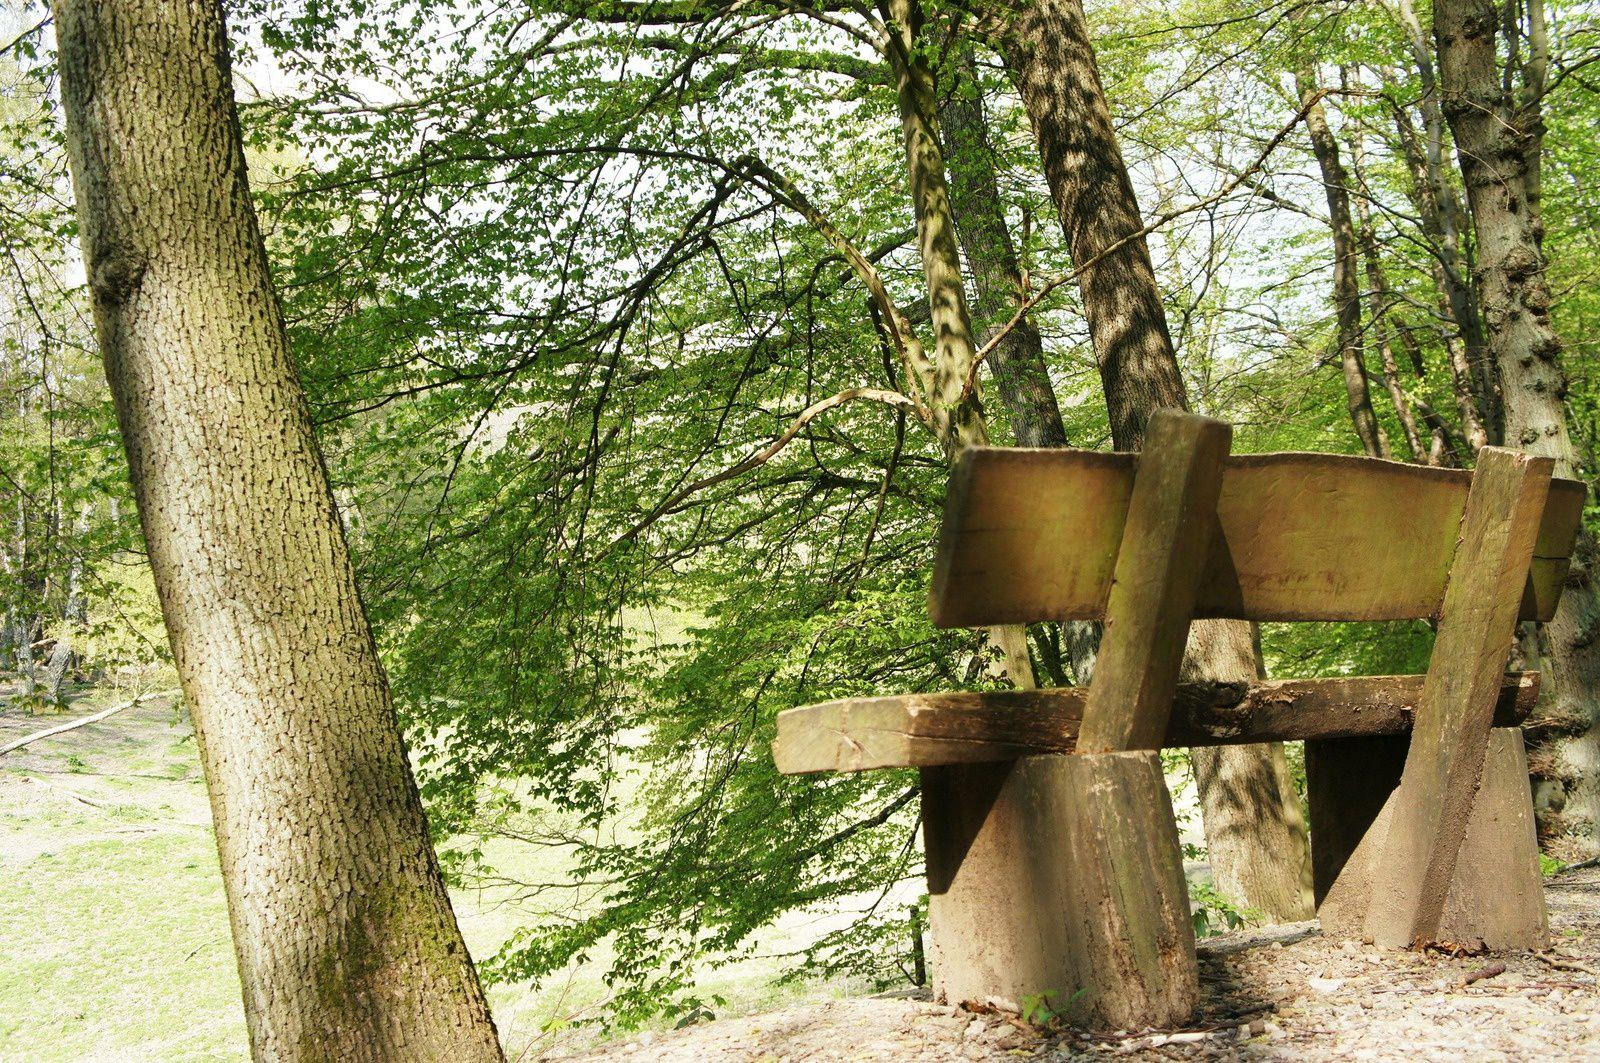 Une escapade en Rhénanie-du-Nord-Westphalie, entre le parc national de l'Eifel et ses marcassins et le lac Ruhrsee et sa marina. Les jeux d'éveil en allemand sur la tablette de papa n'ont, pour une fois, fait l'objet d'aucune question...